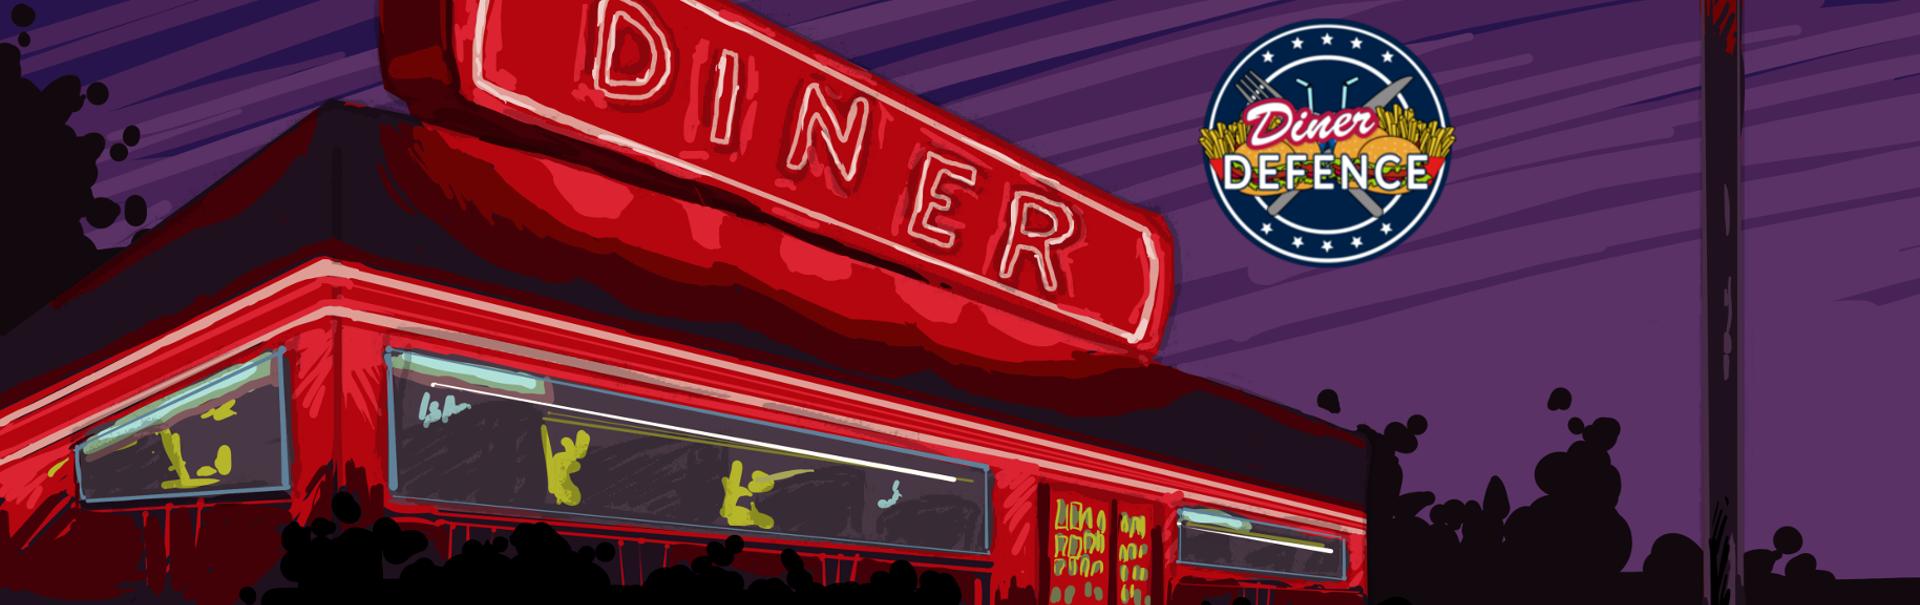 Diner Defence